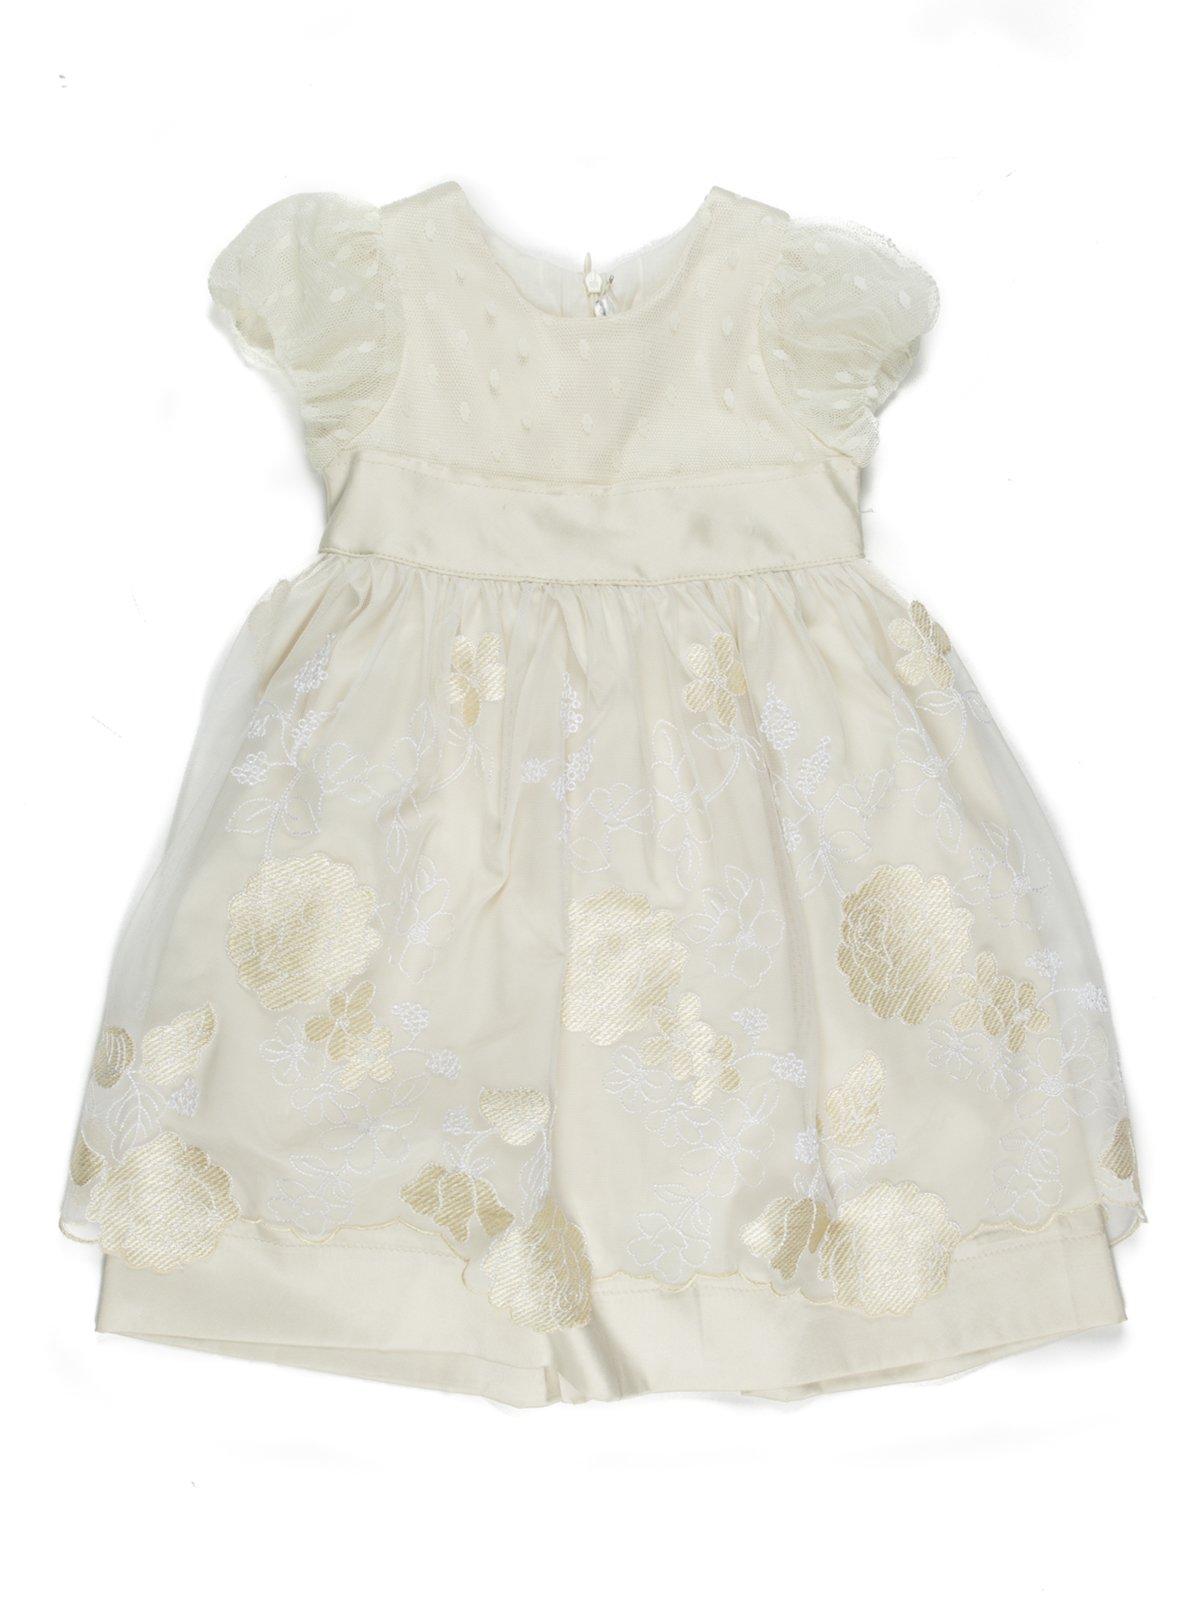 Сукня бежева з вишивкою | 711726